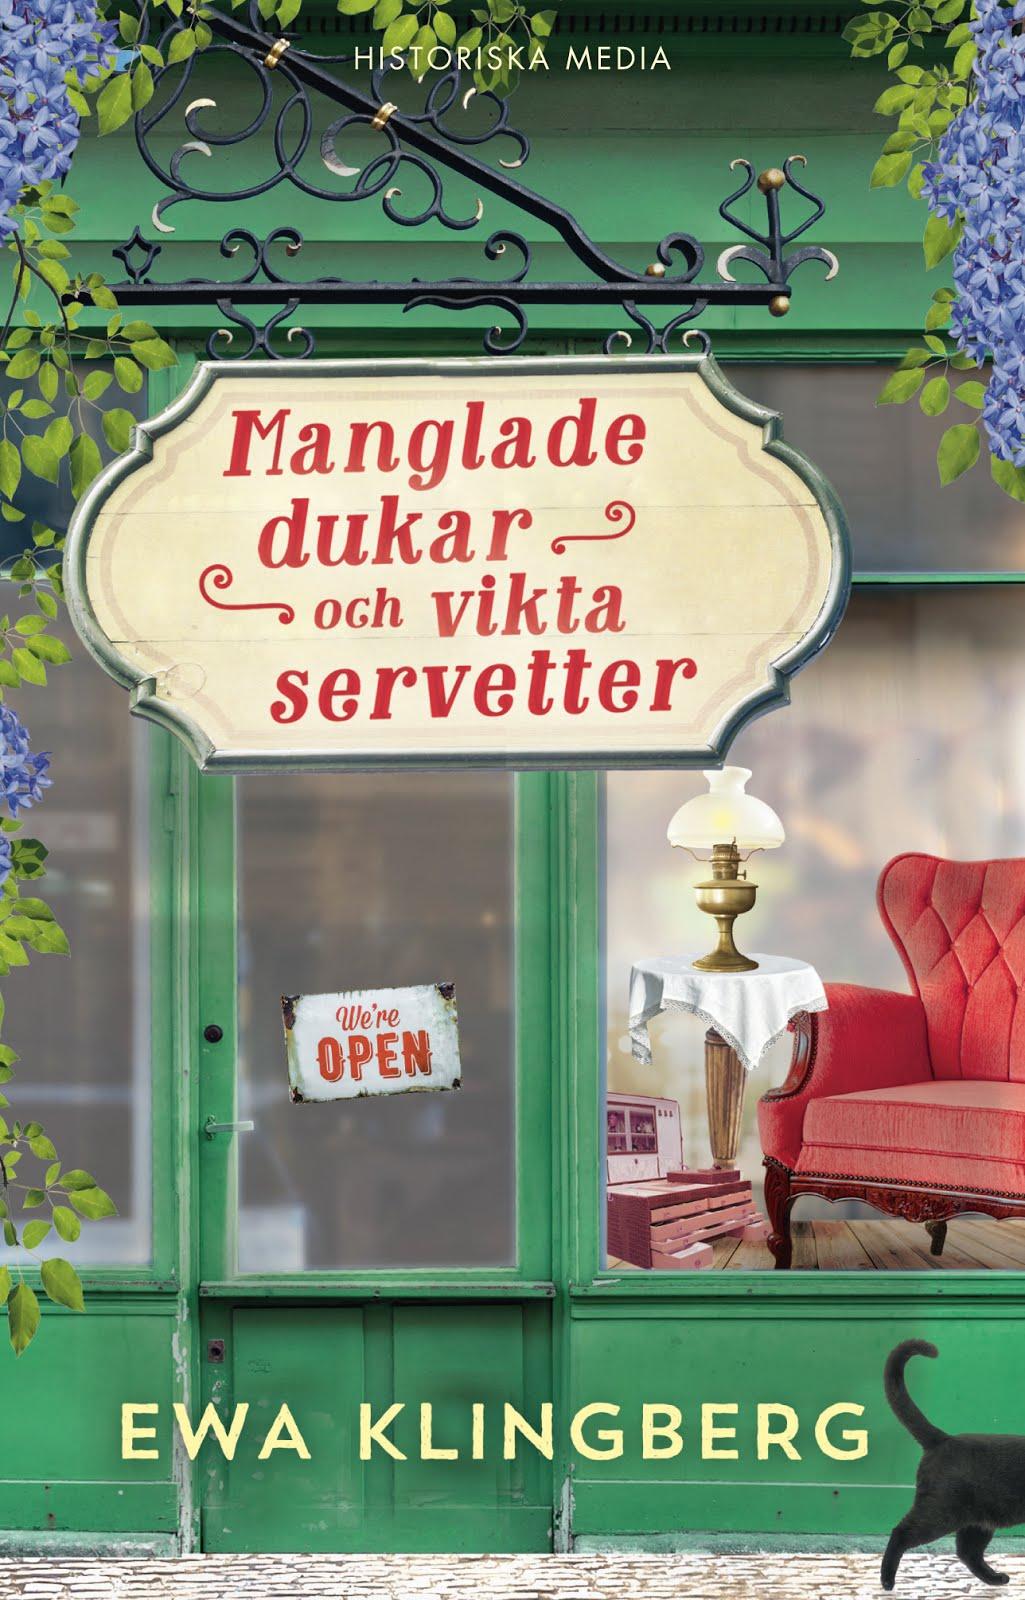 Finns nu i en bokhandel nära dig! Feelgood med historiska vibbar